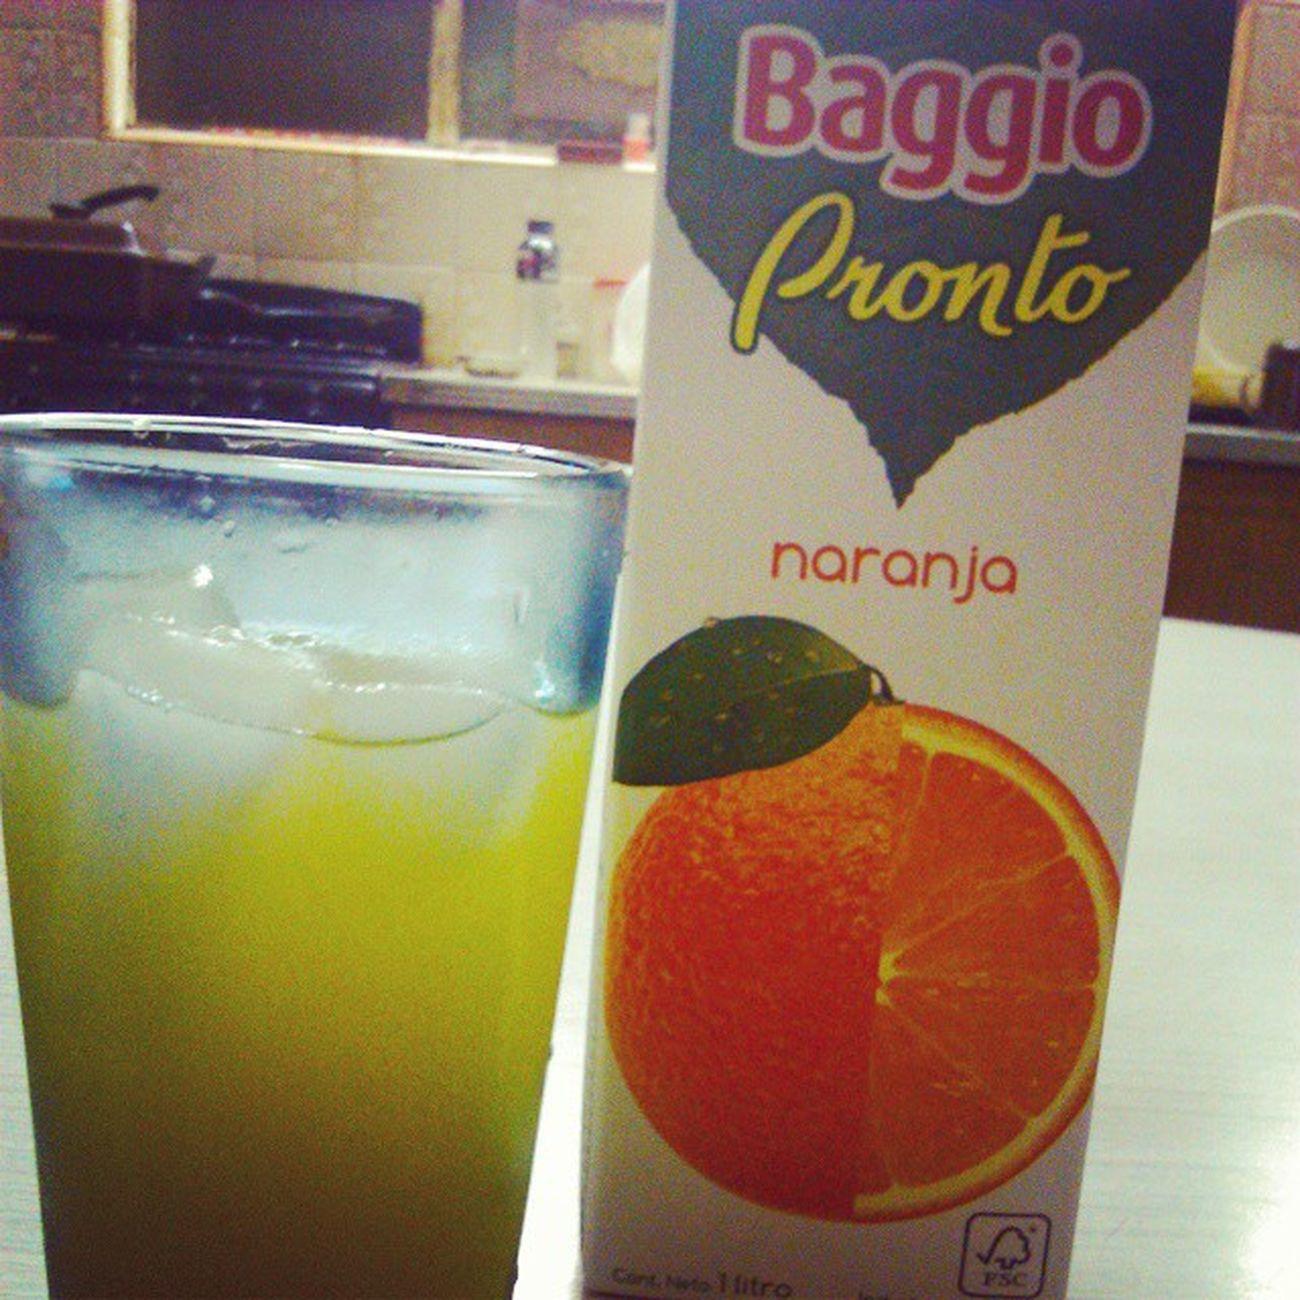 Lloraría de felicidad.. BAGGIO Pronto Naranja Orangejuice